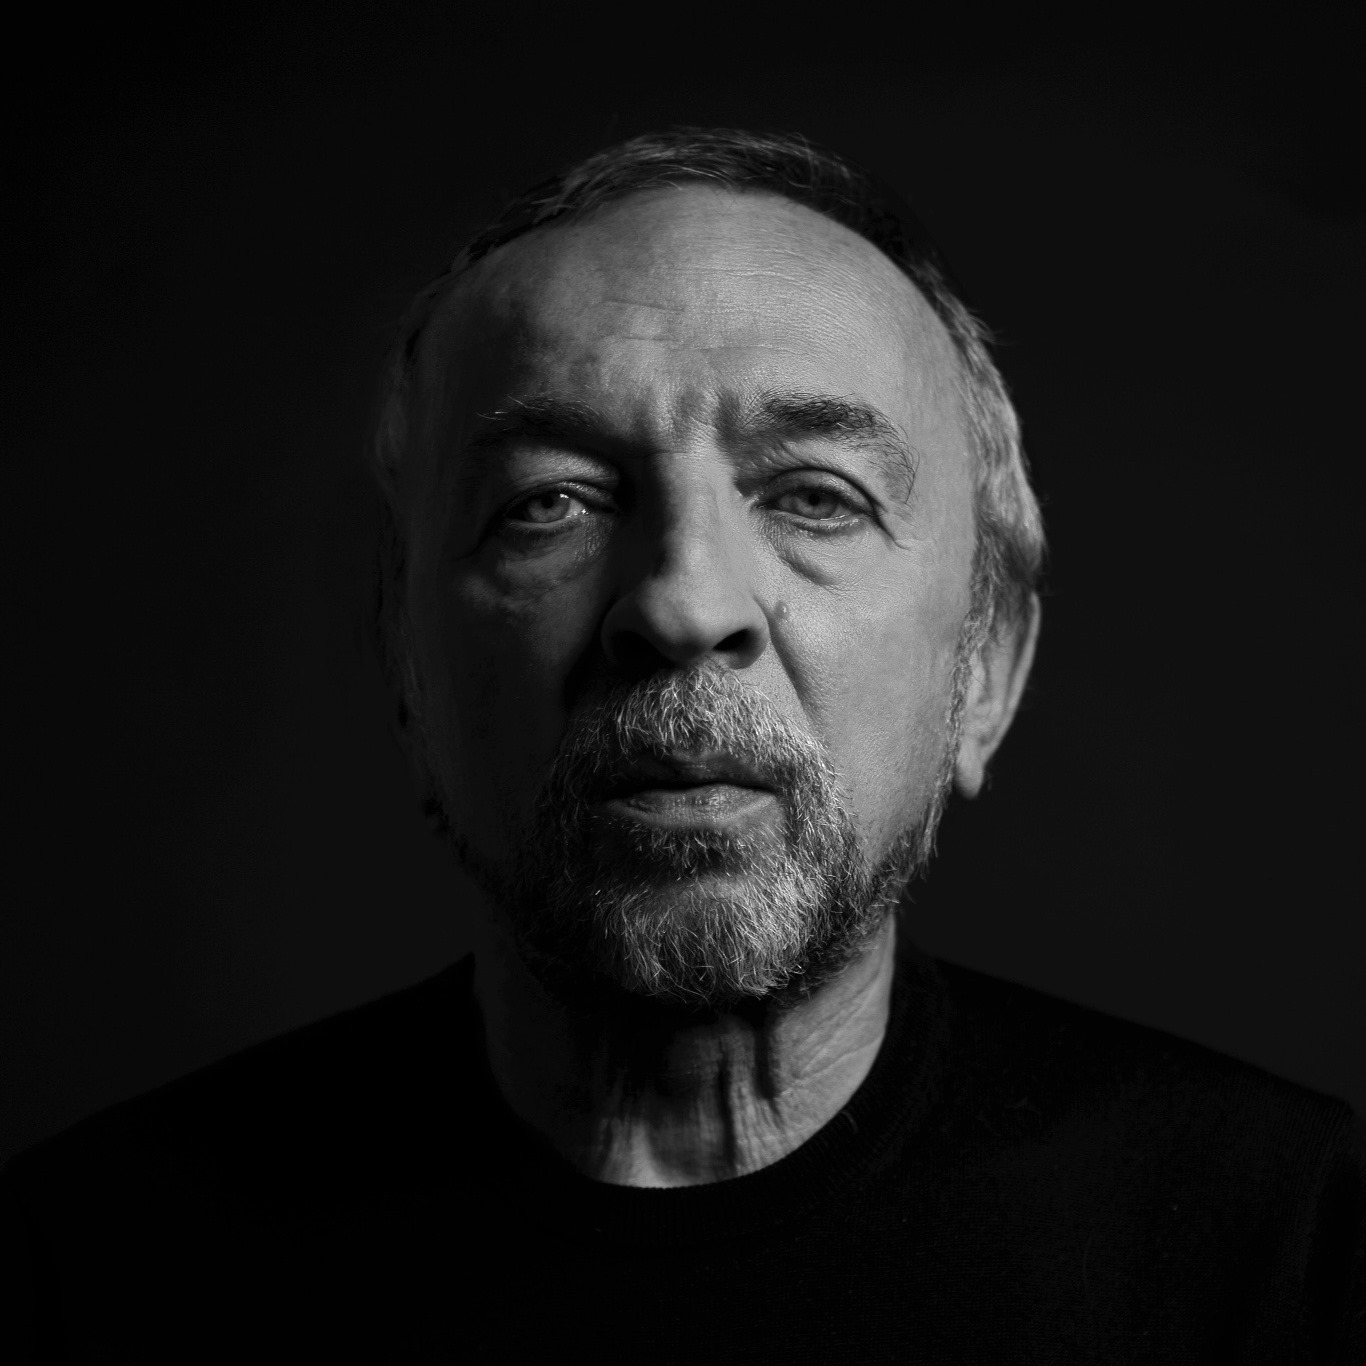 Portrait de Pierre FOLACCI - auteur présent au Salon du Livre de Royat-Chamalières 2019